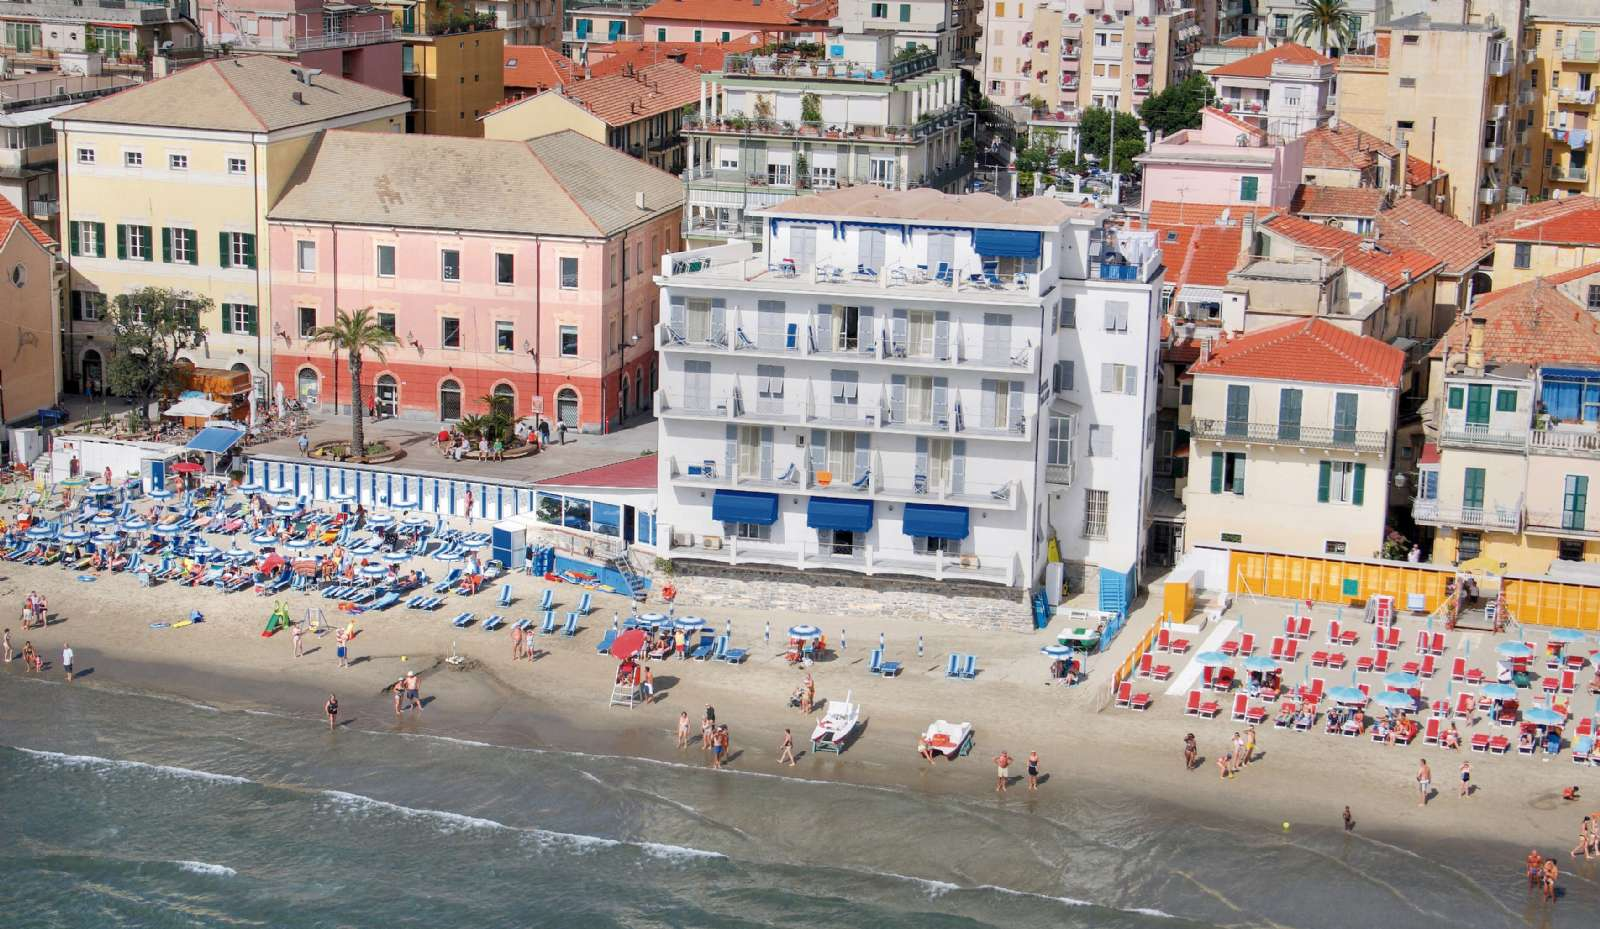 L'hotel Milano (le bâtiment blanc) est situé directement sur la plage.